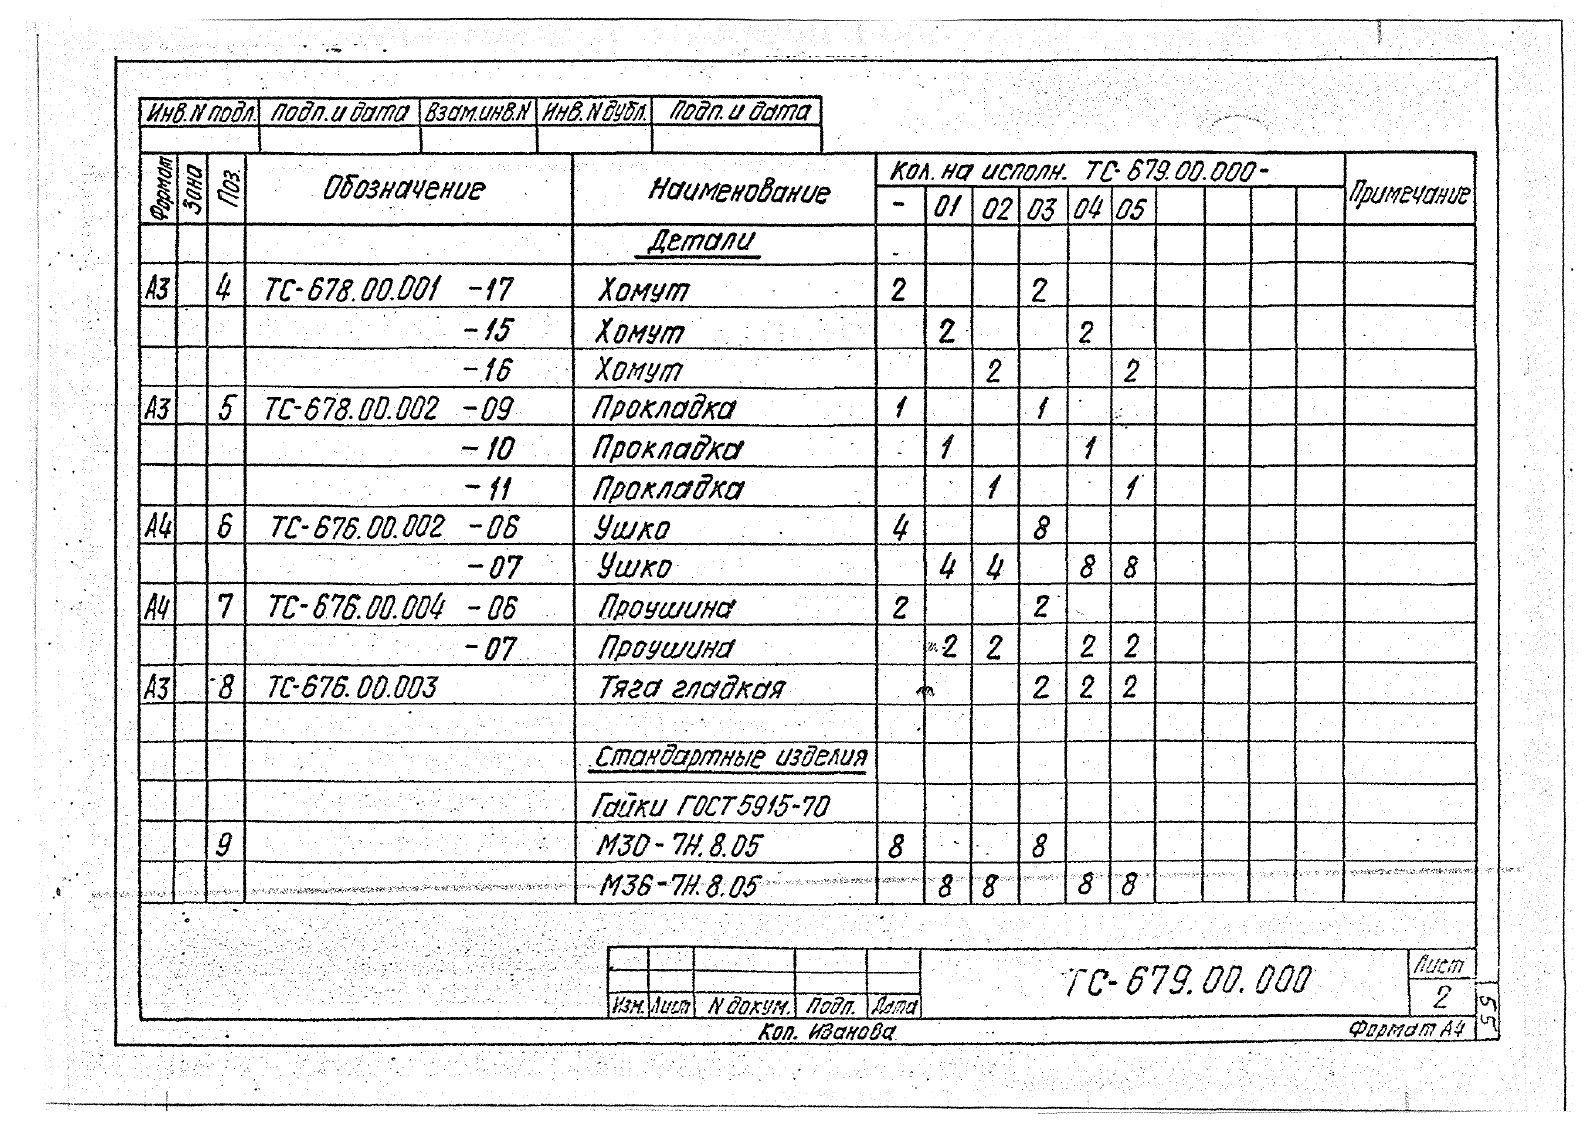 Подвески жесткие Дн 426-630 ТС-679 с.5.903-13 вып.6-95 стр.5